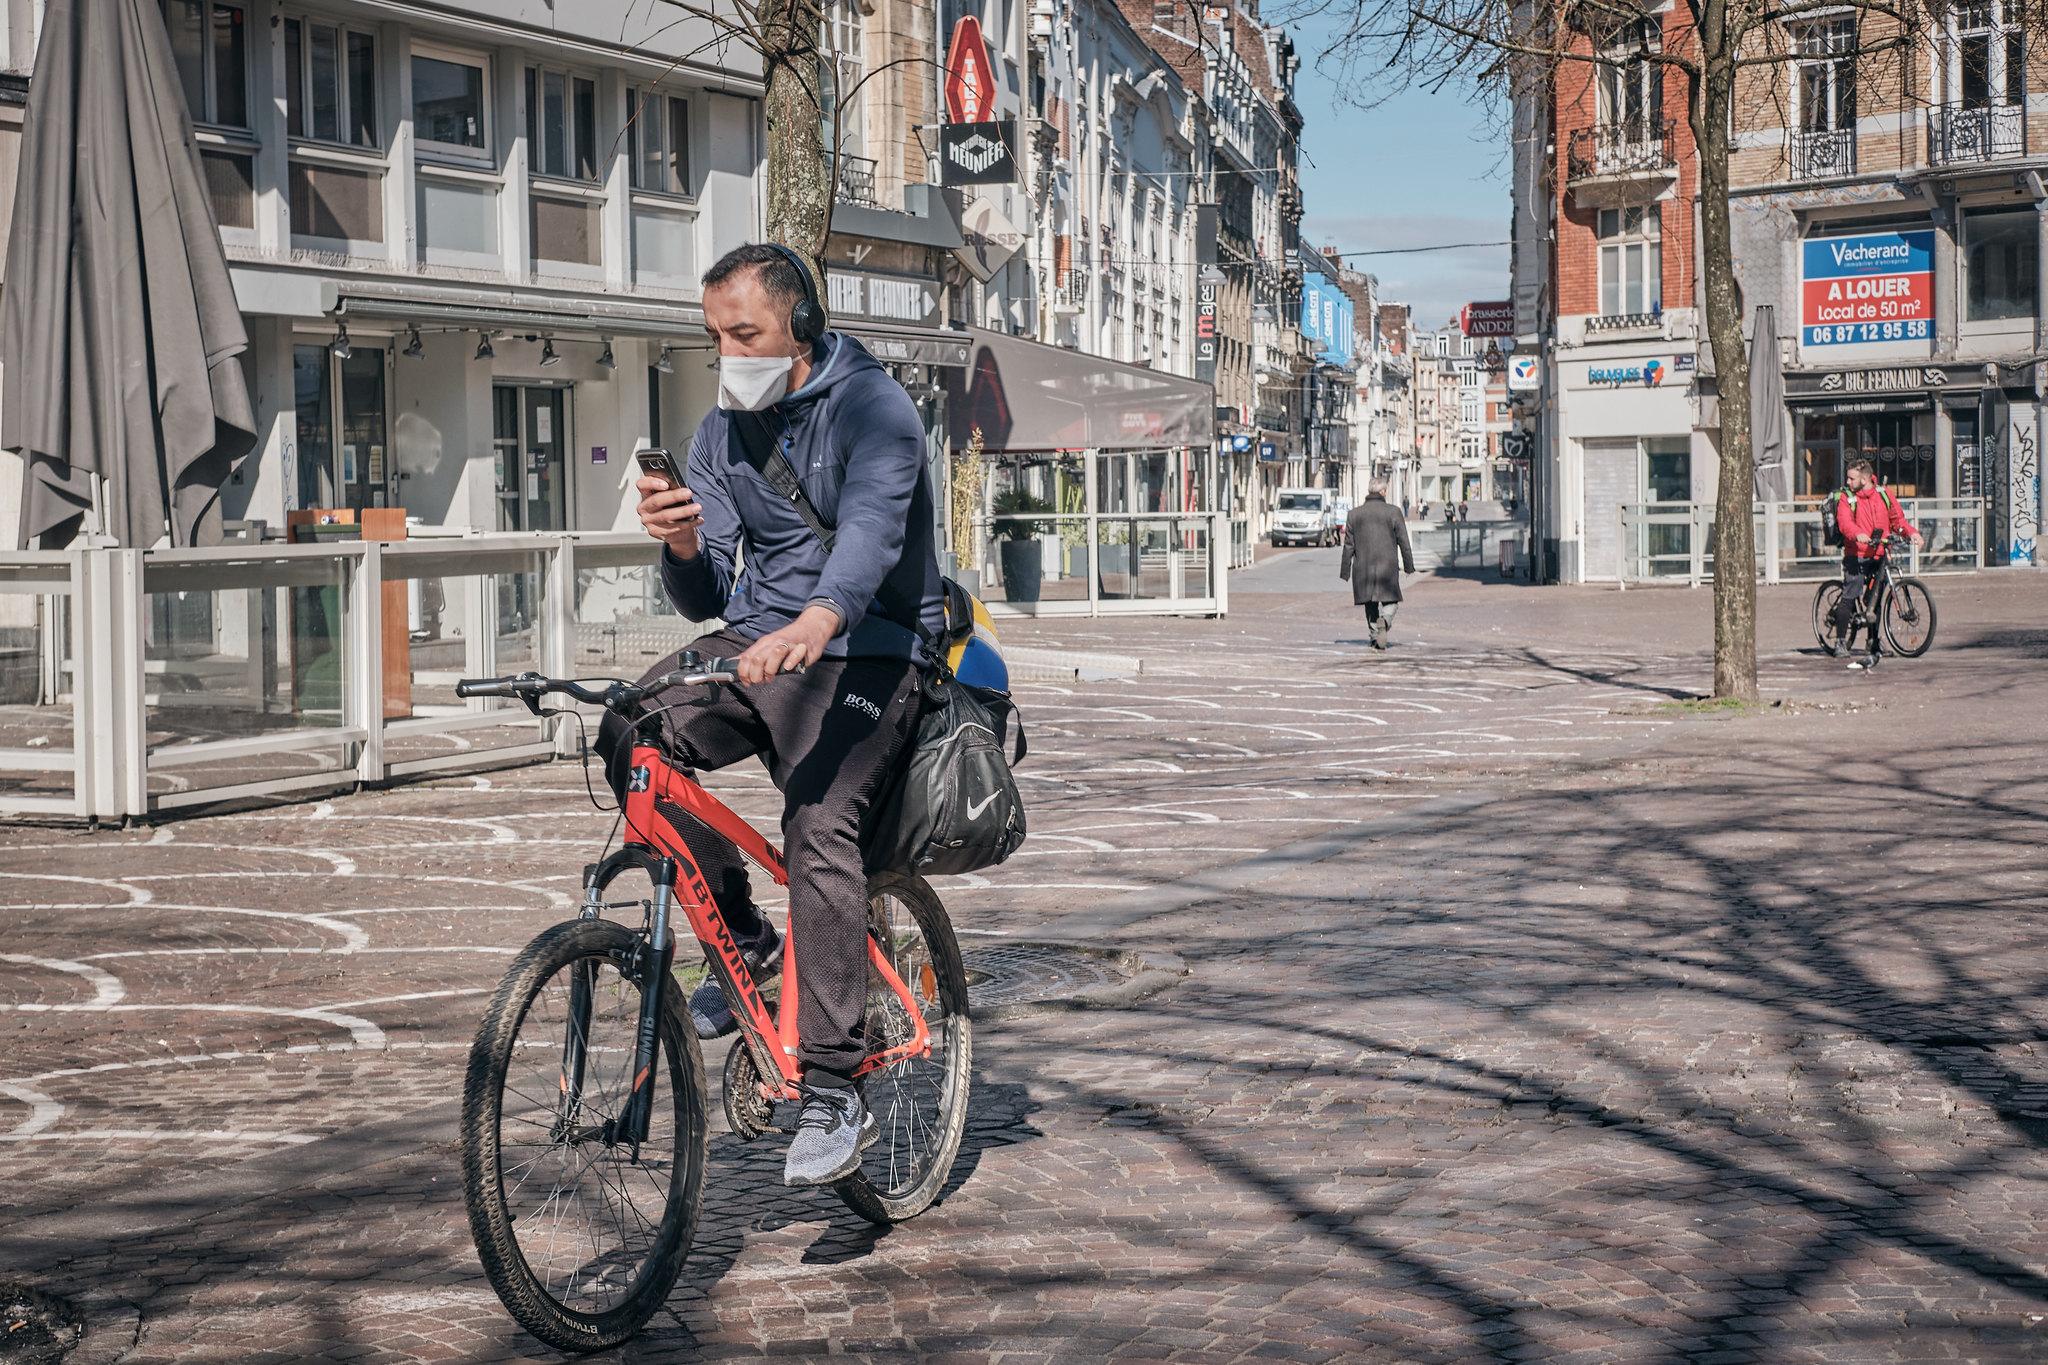 Cycliste Lille Béthune Masque confinement vélo